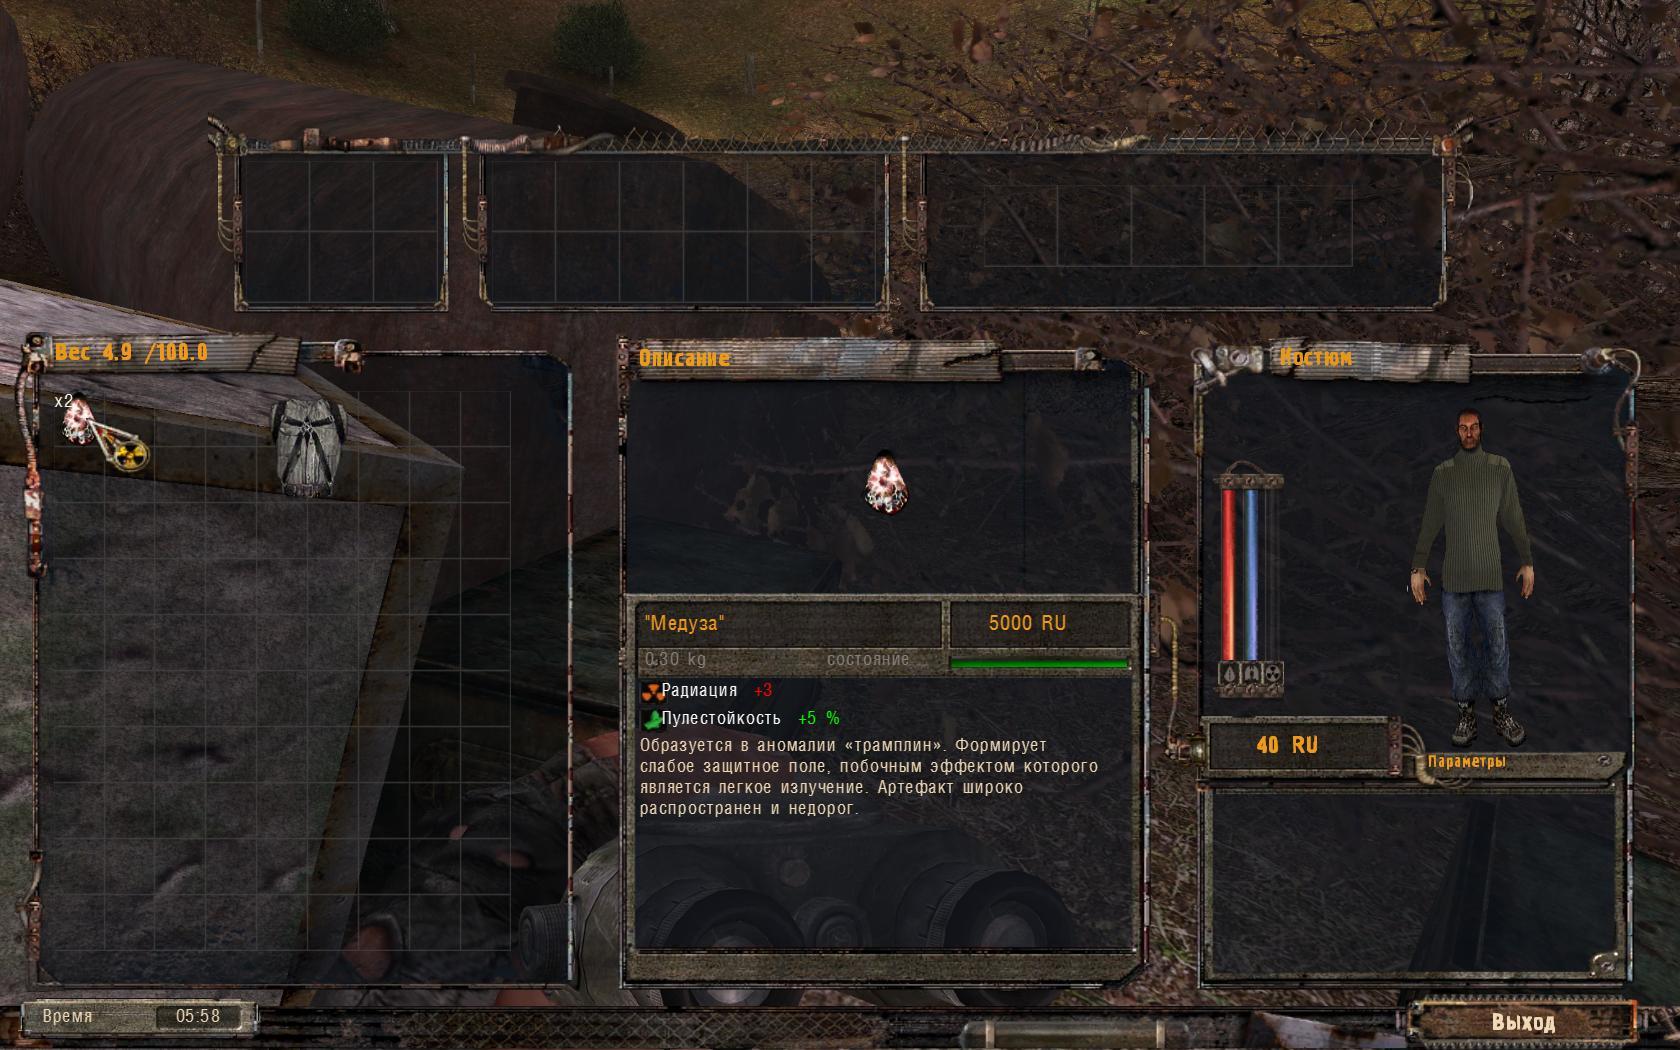 Фото final fantasy 14: a realm reborn дадут, пожалуй, больше представления об игре, чем многочисленные рецензии